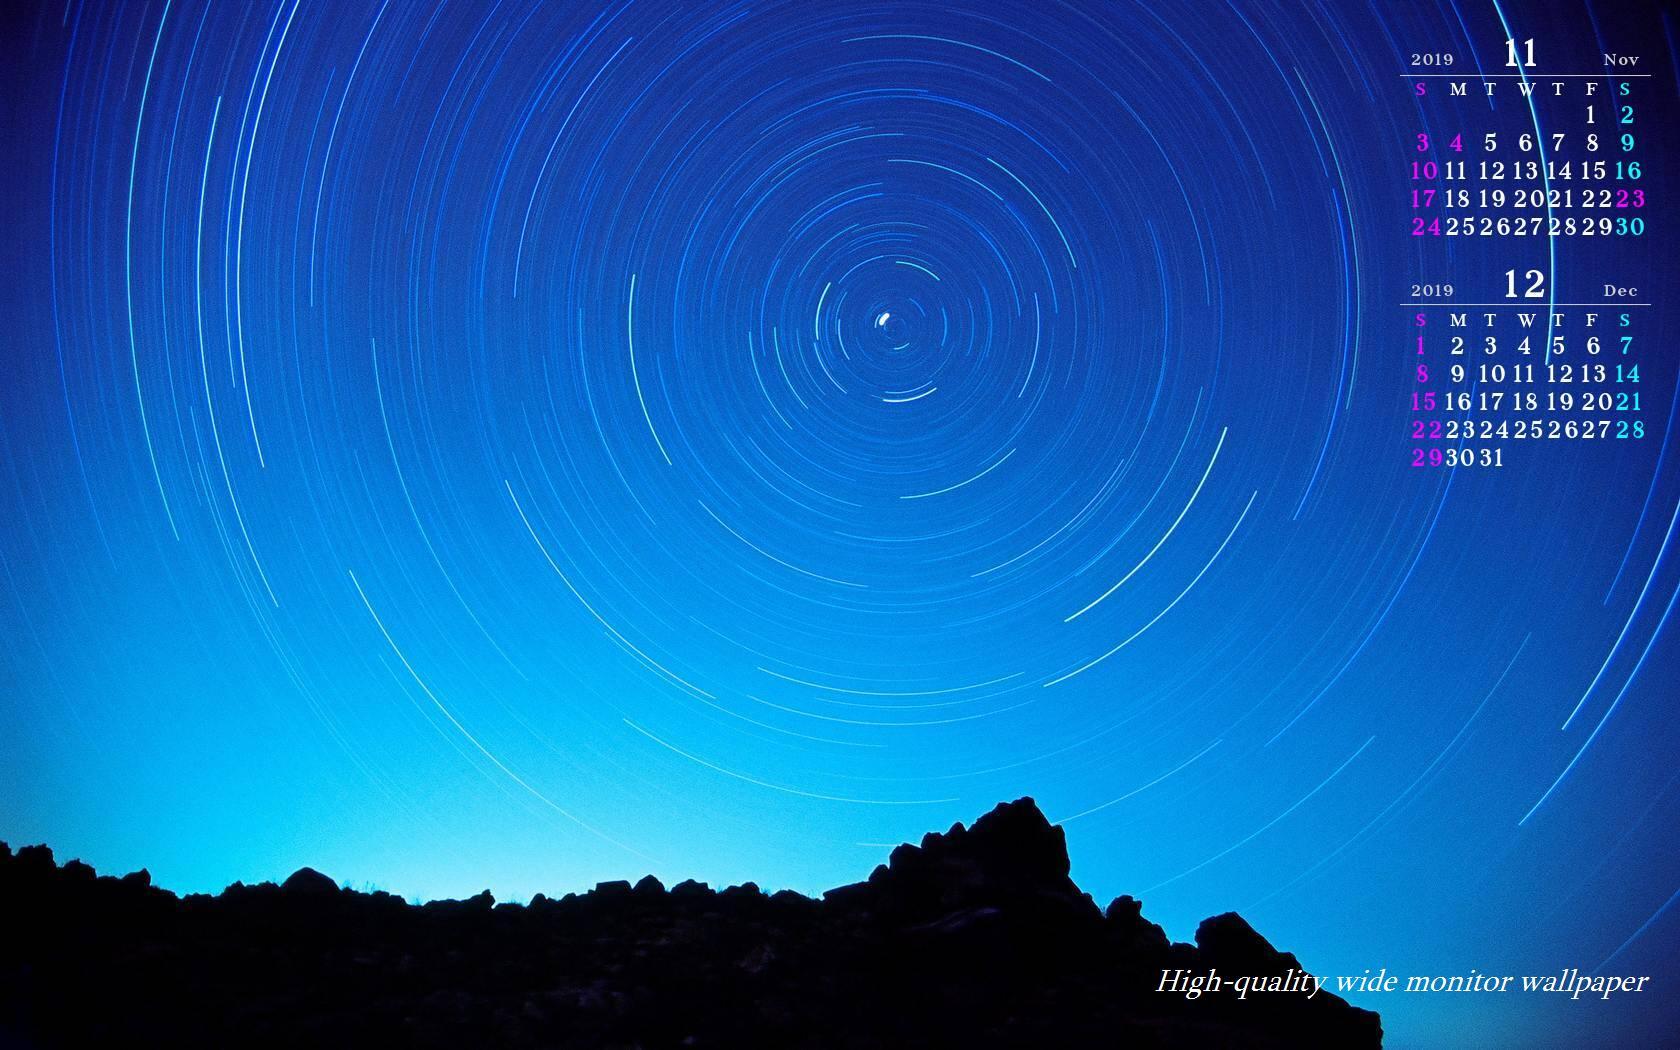 星の周回運動をモチーフにしました2018年11月12月のカレンダー付きワイドモニター高画質壁紙 1680 1050 アスペクト比16 10霧島連山 自然風景 星景写真 花 山野草